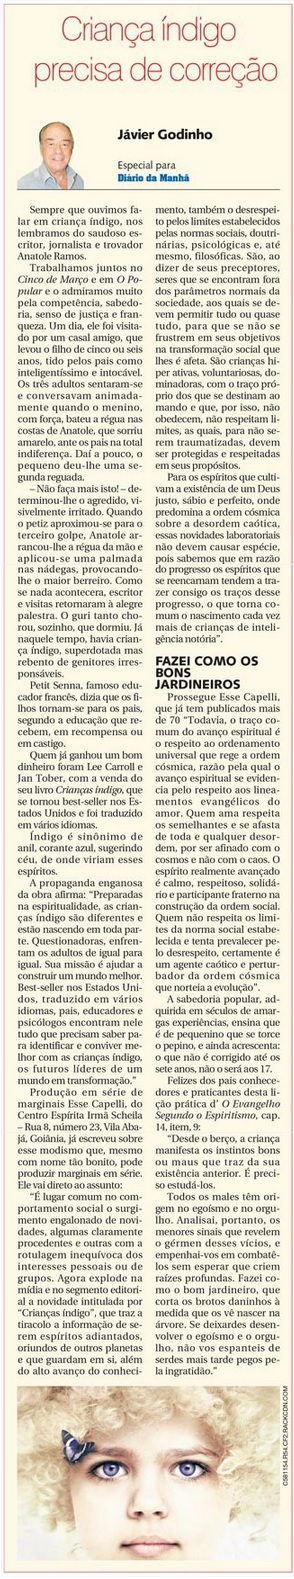 DM 04-03-2015 - Criança índigo precisa de correção - Jávier Godinho